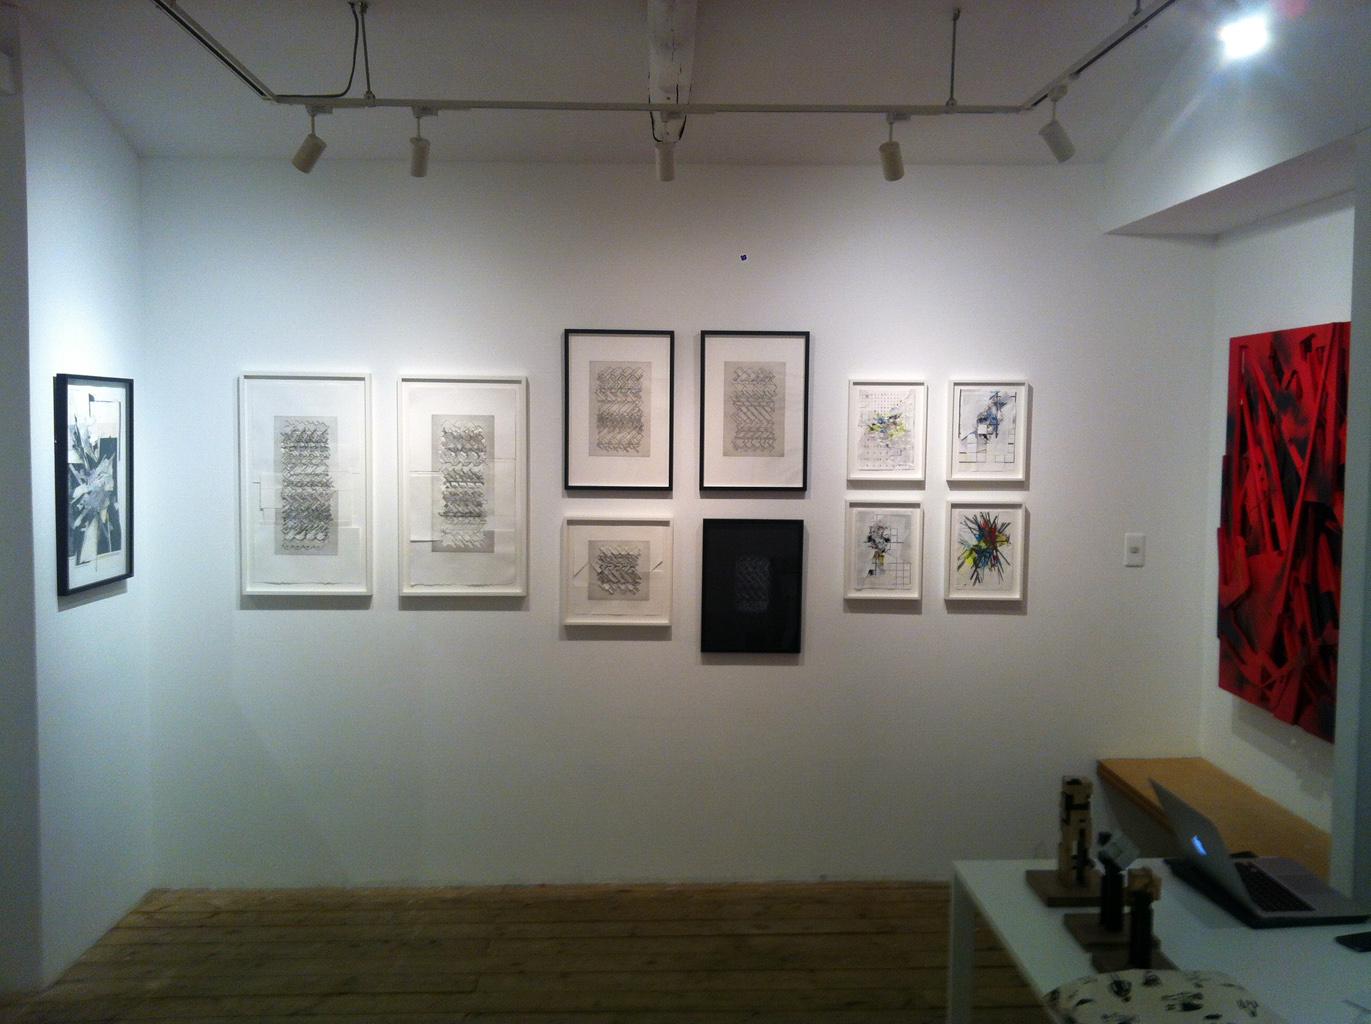 boris-delta-tellegen-overburden-new-show-at-common-gallery-01